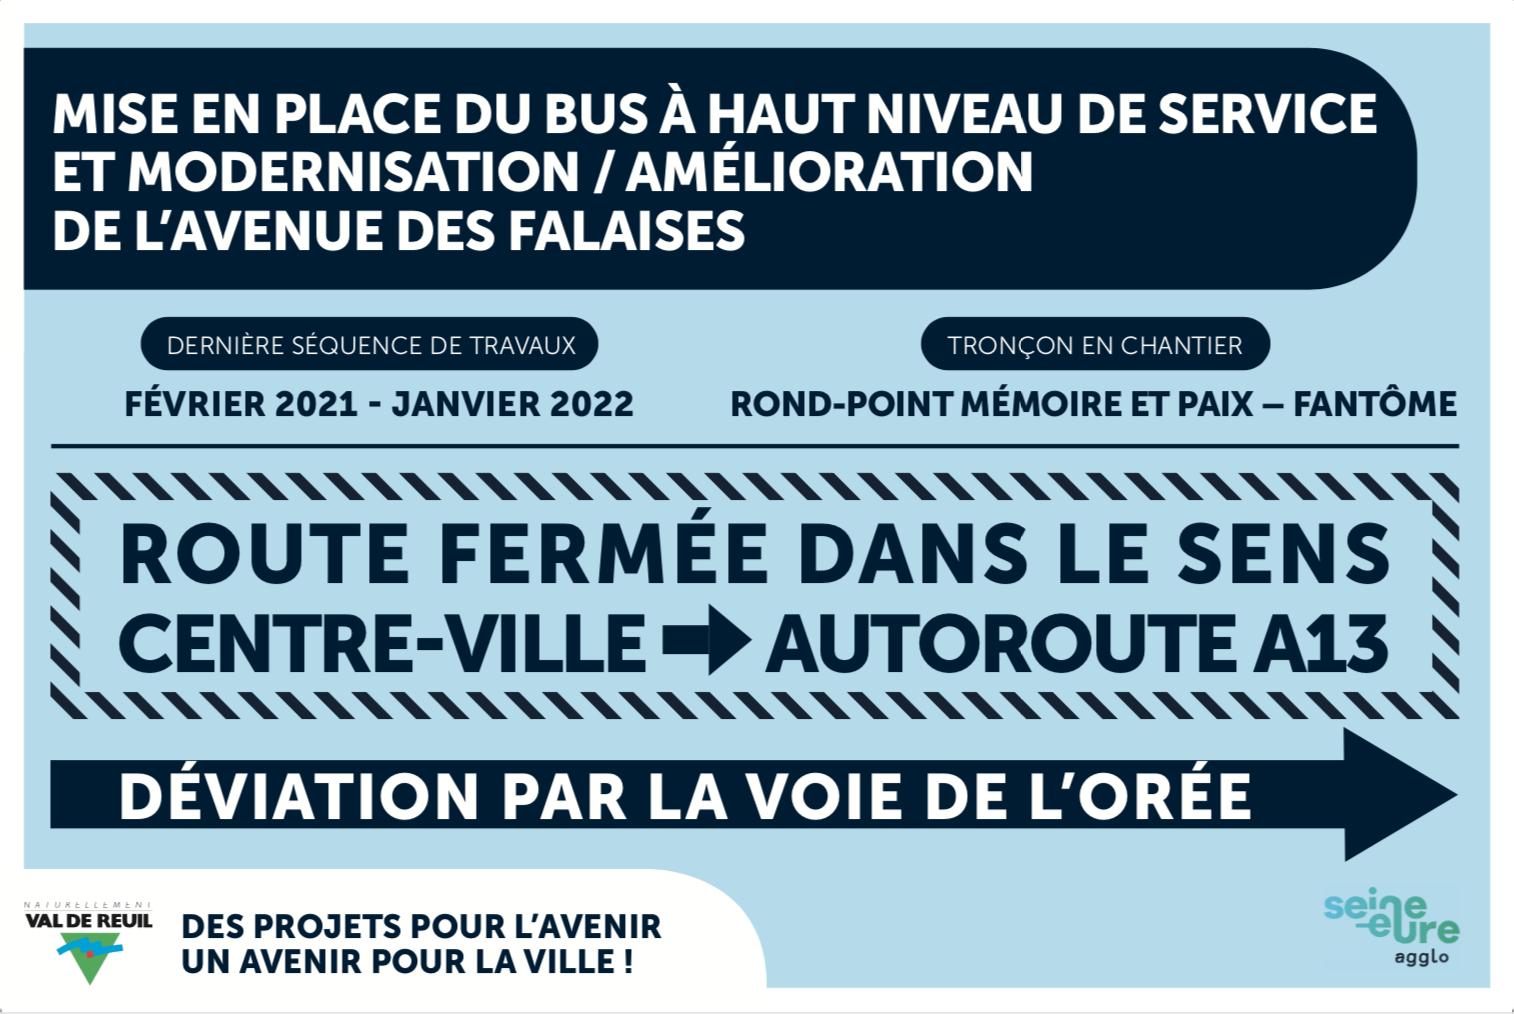 L'avenue des Falaises: la dernière séquence de travaux débute !